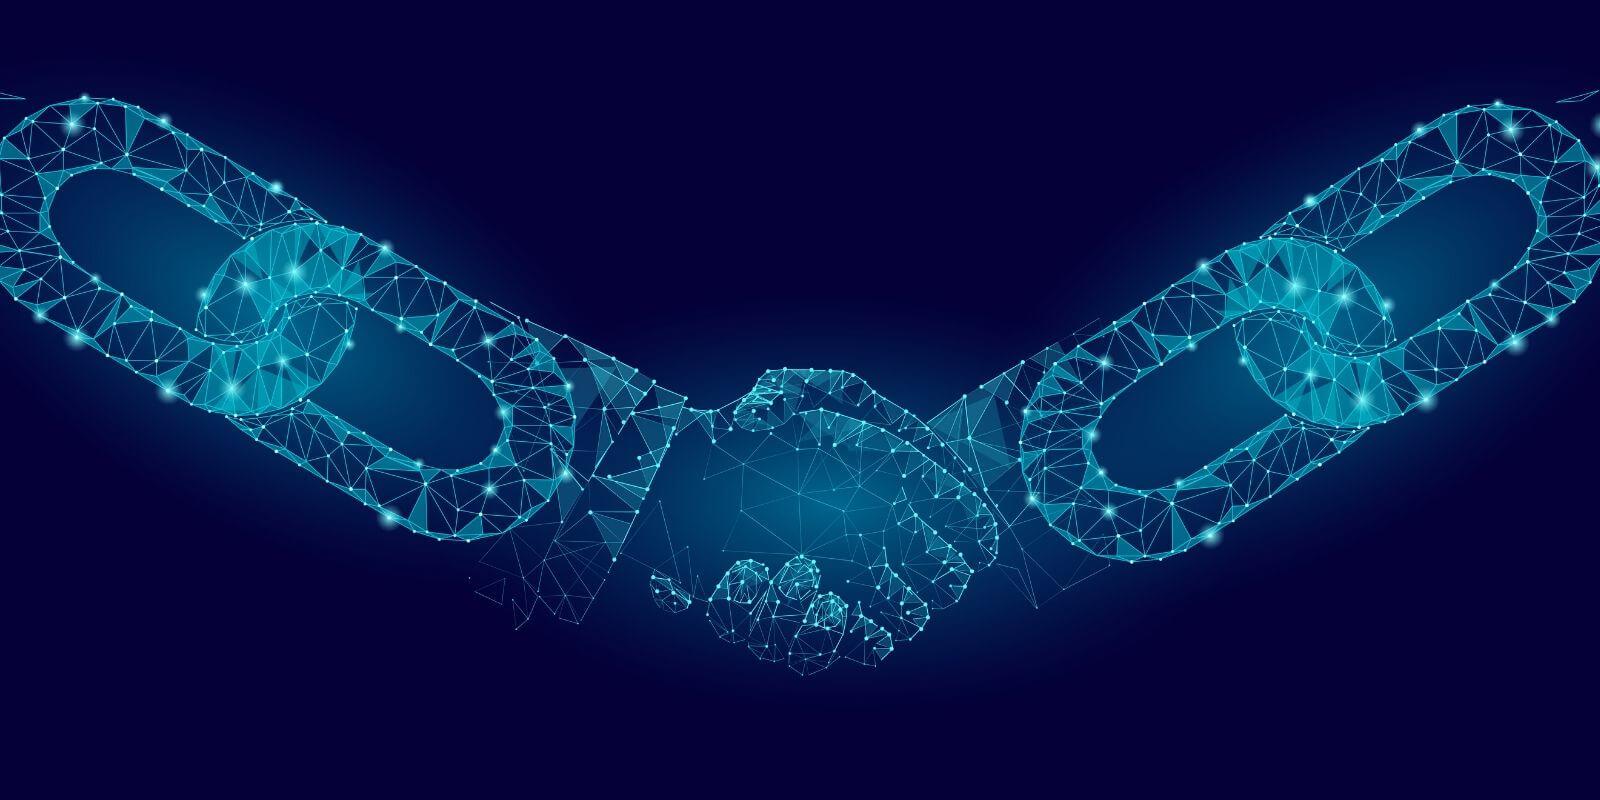 Waves proposera un protocole d'interopérabilité des blockchains